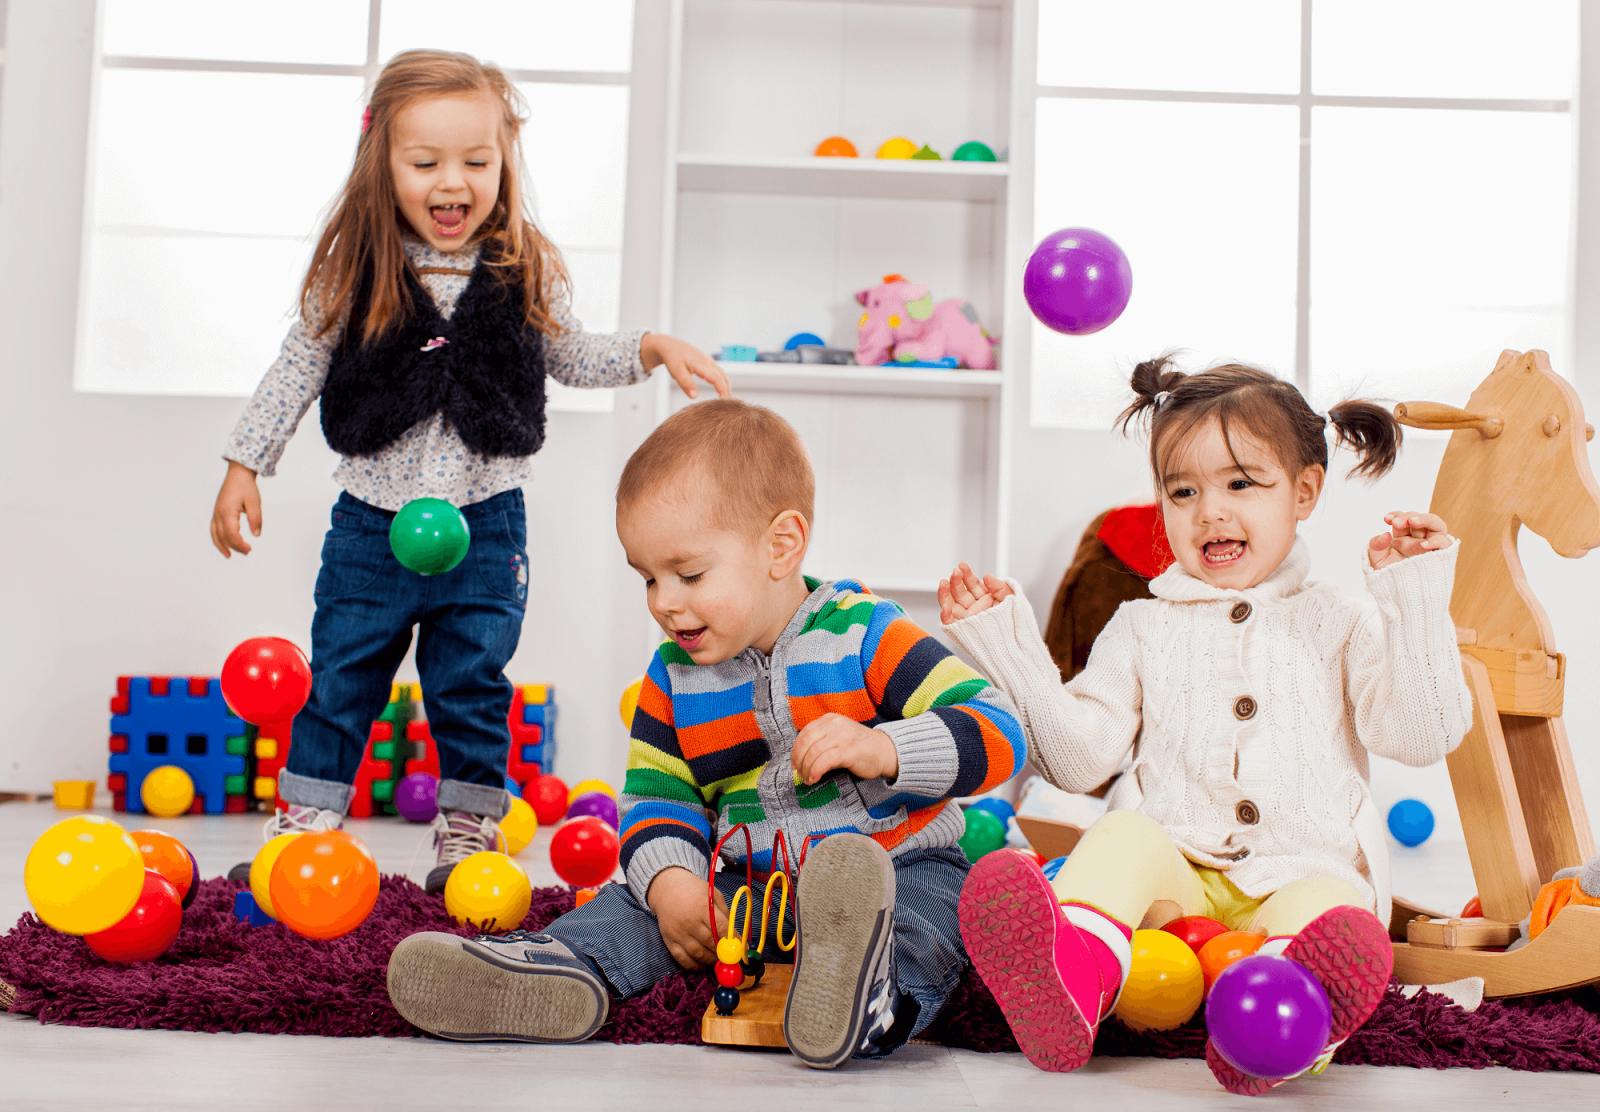 Дитячий садочок - як обрати і на що звертати особливу увагу?